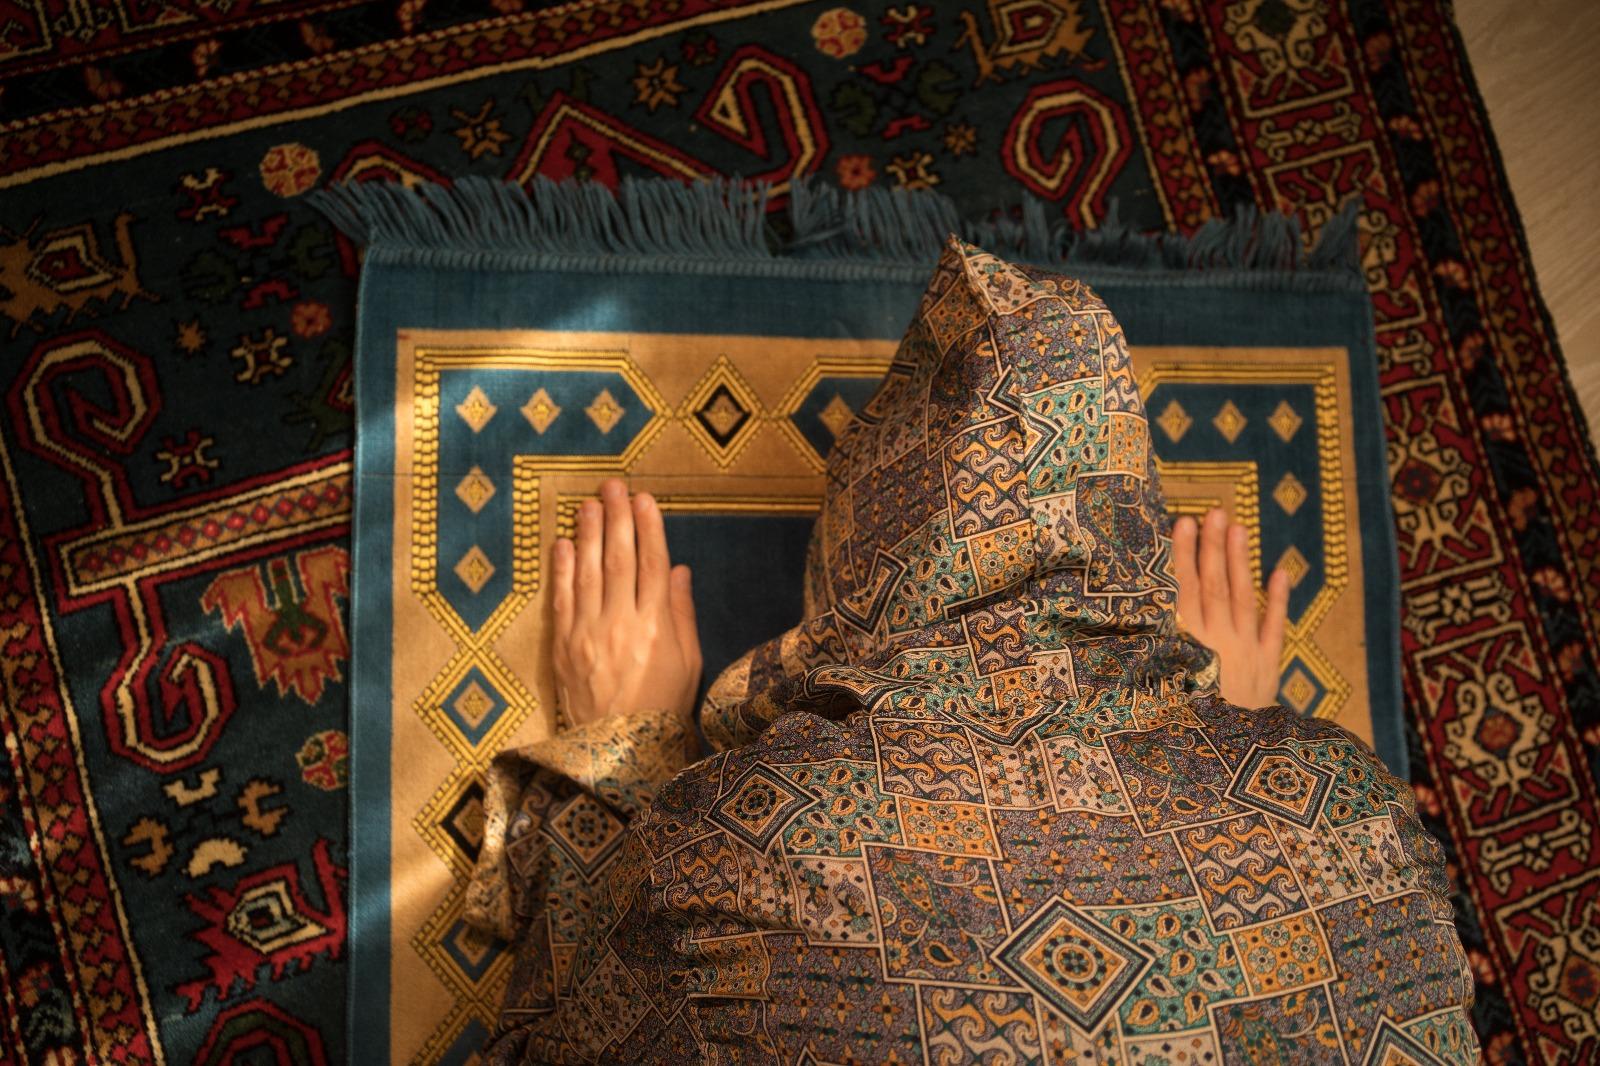 زوجتي لا تحافظ على الصلاة... ماذا أفعل؟